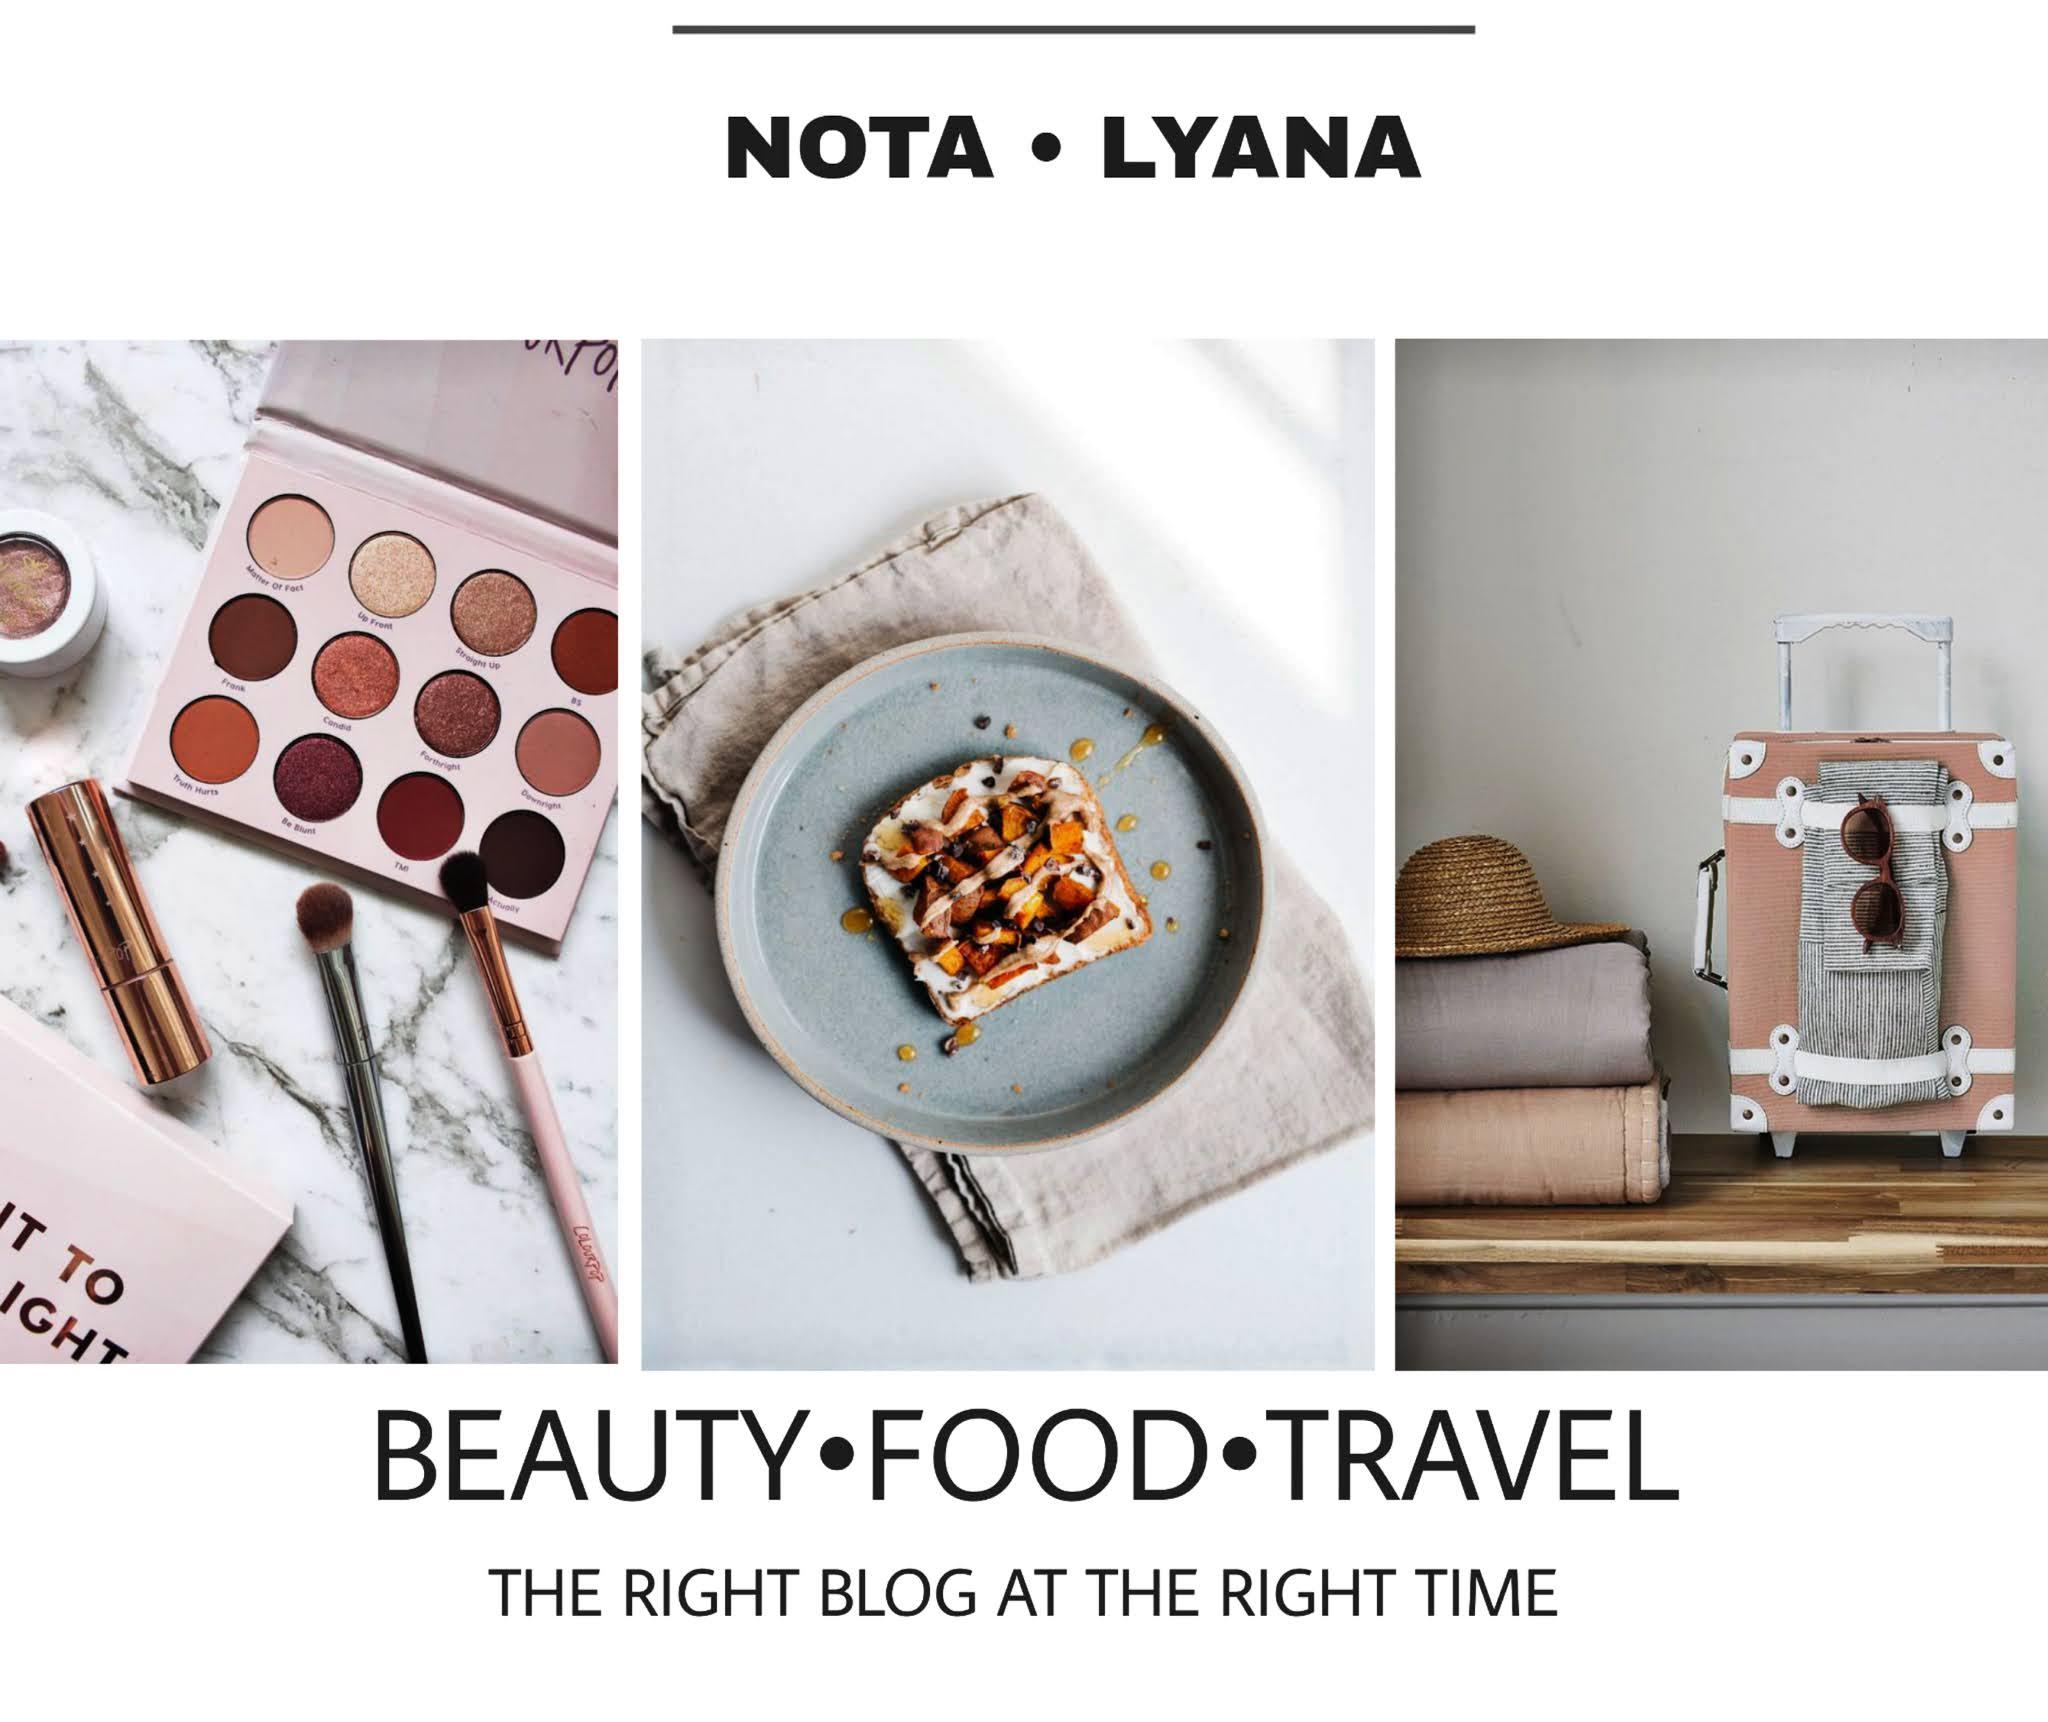 Nota Lyana - LyanaIshak.my